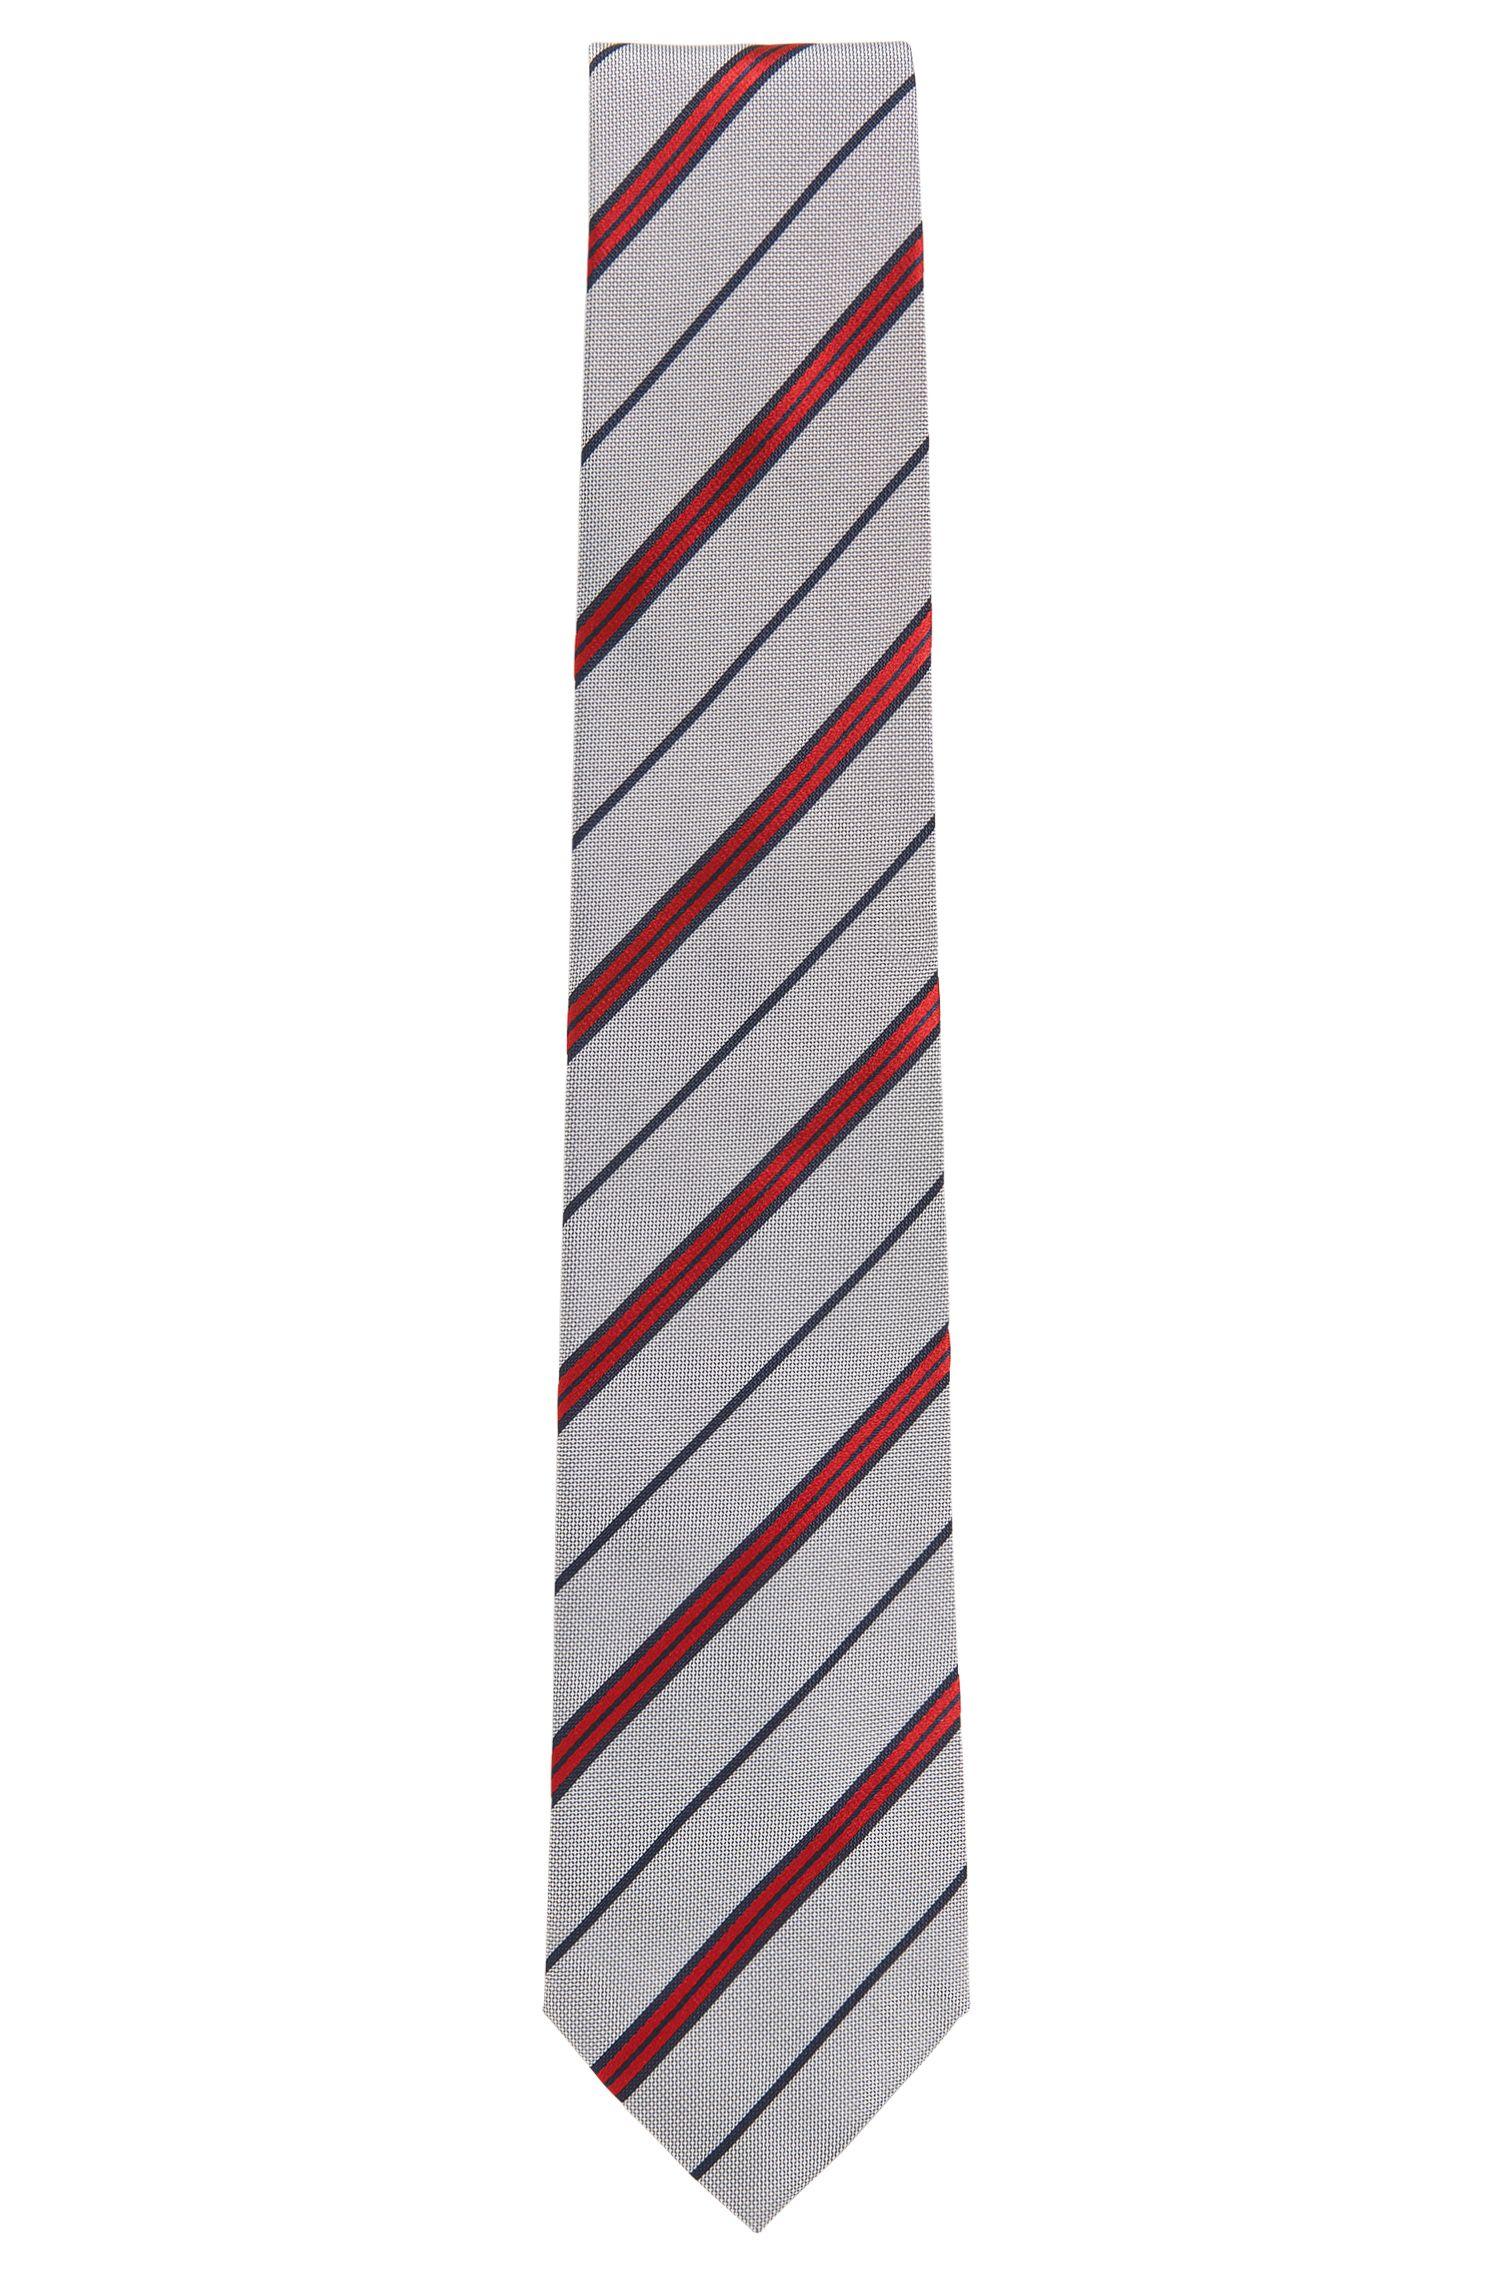 Cravate rayée en soie tissée-teinte